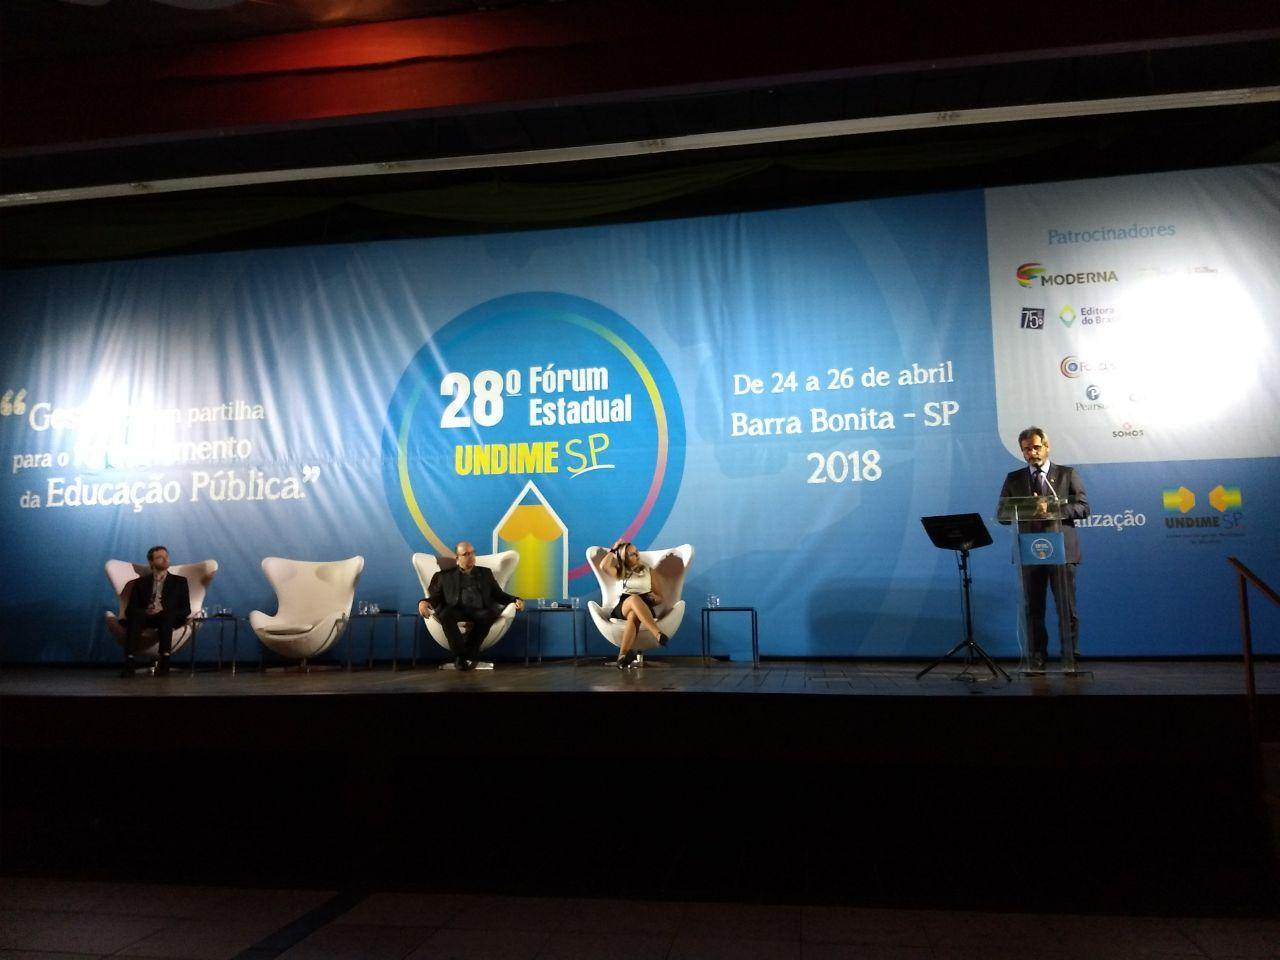 28ª edição do Fórum da Undime São Paulo reúne 300 municípios e pauta regime de colaboração